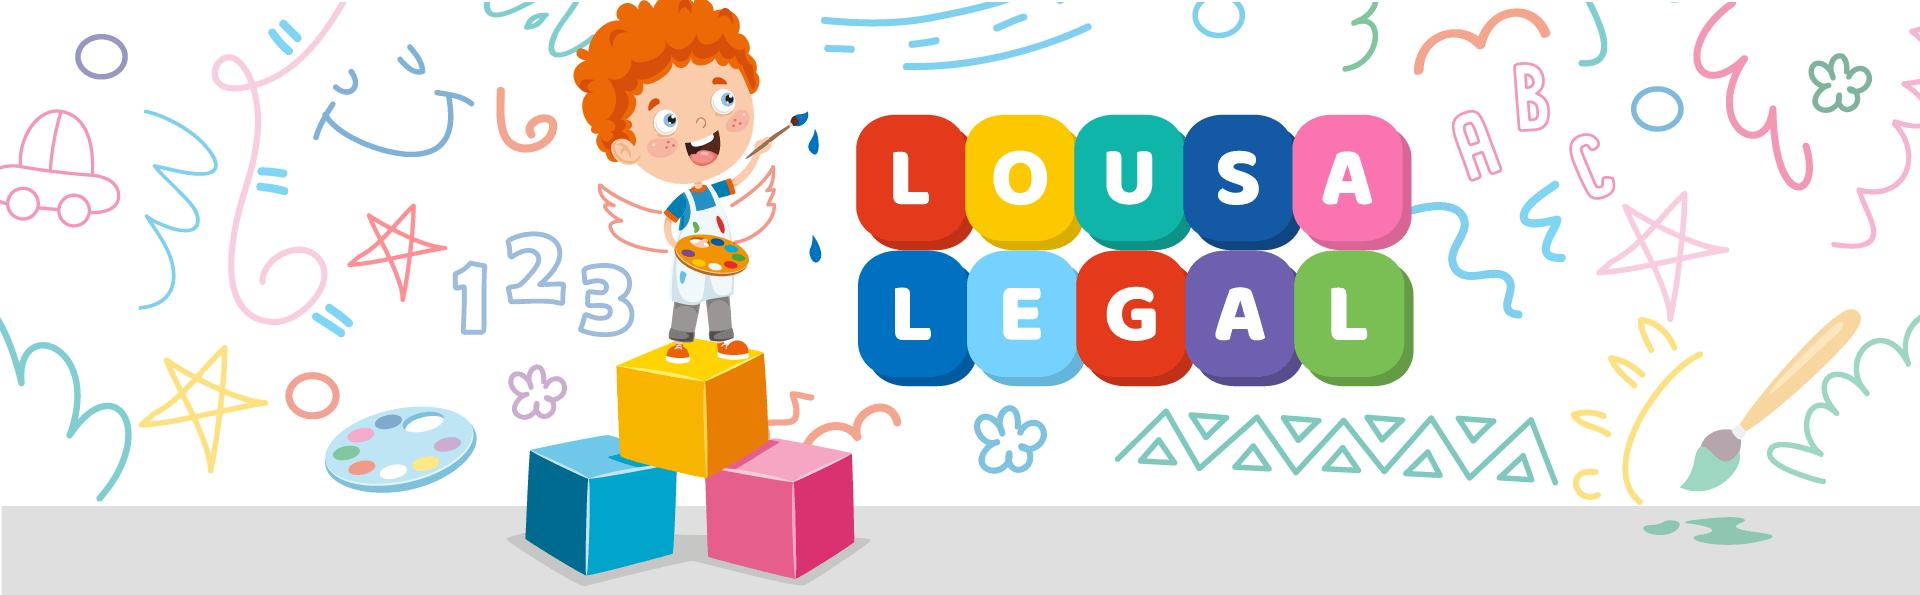 Lousa Legal